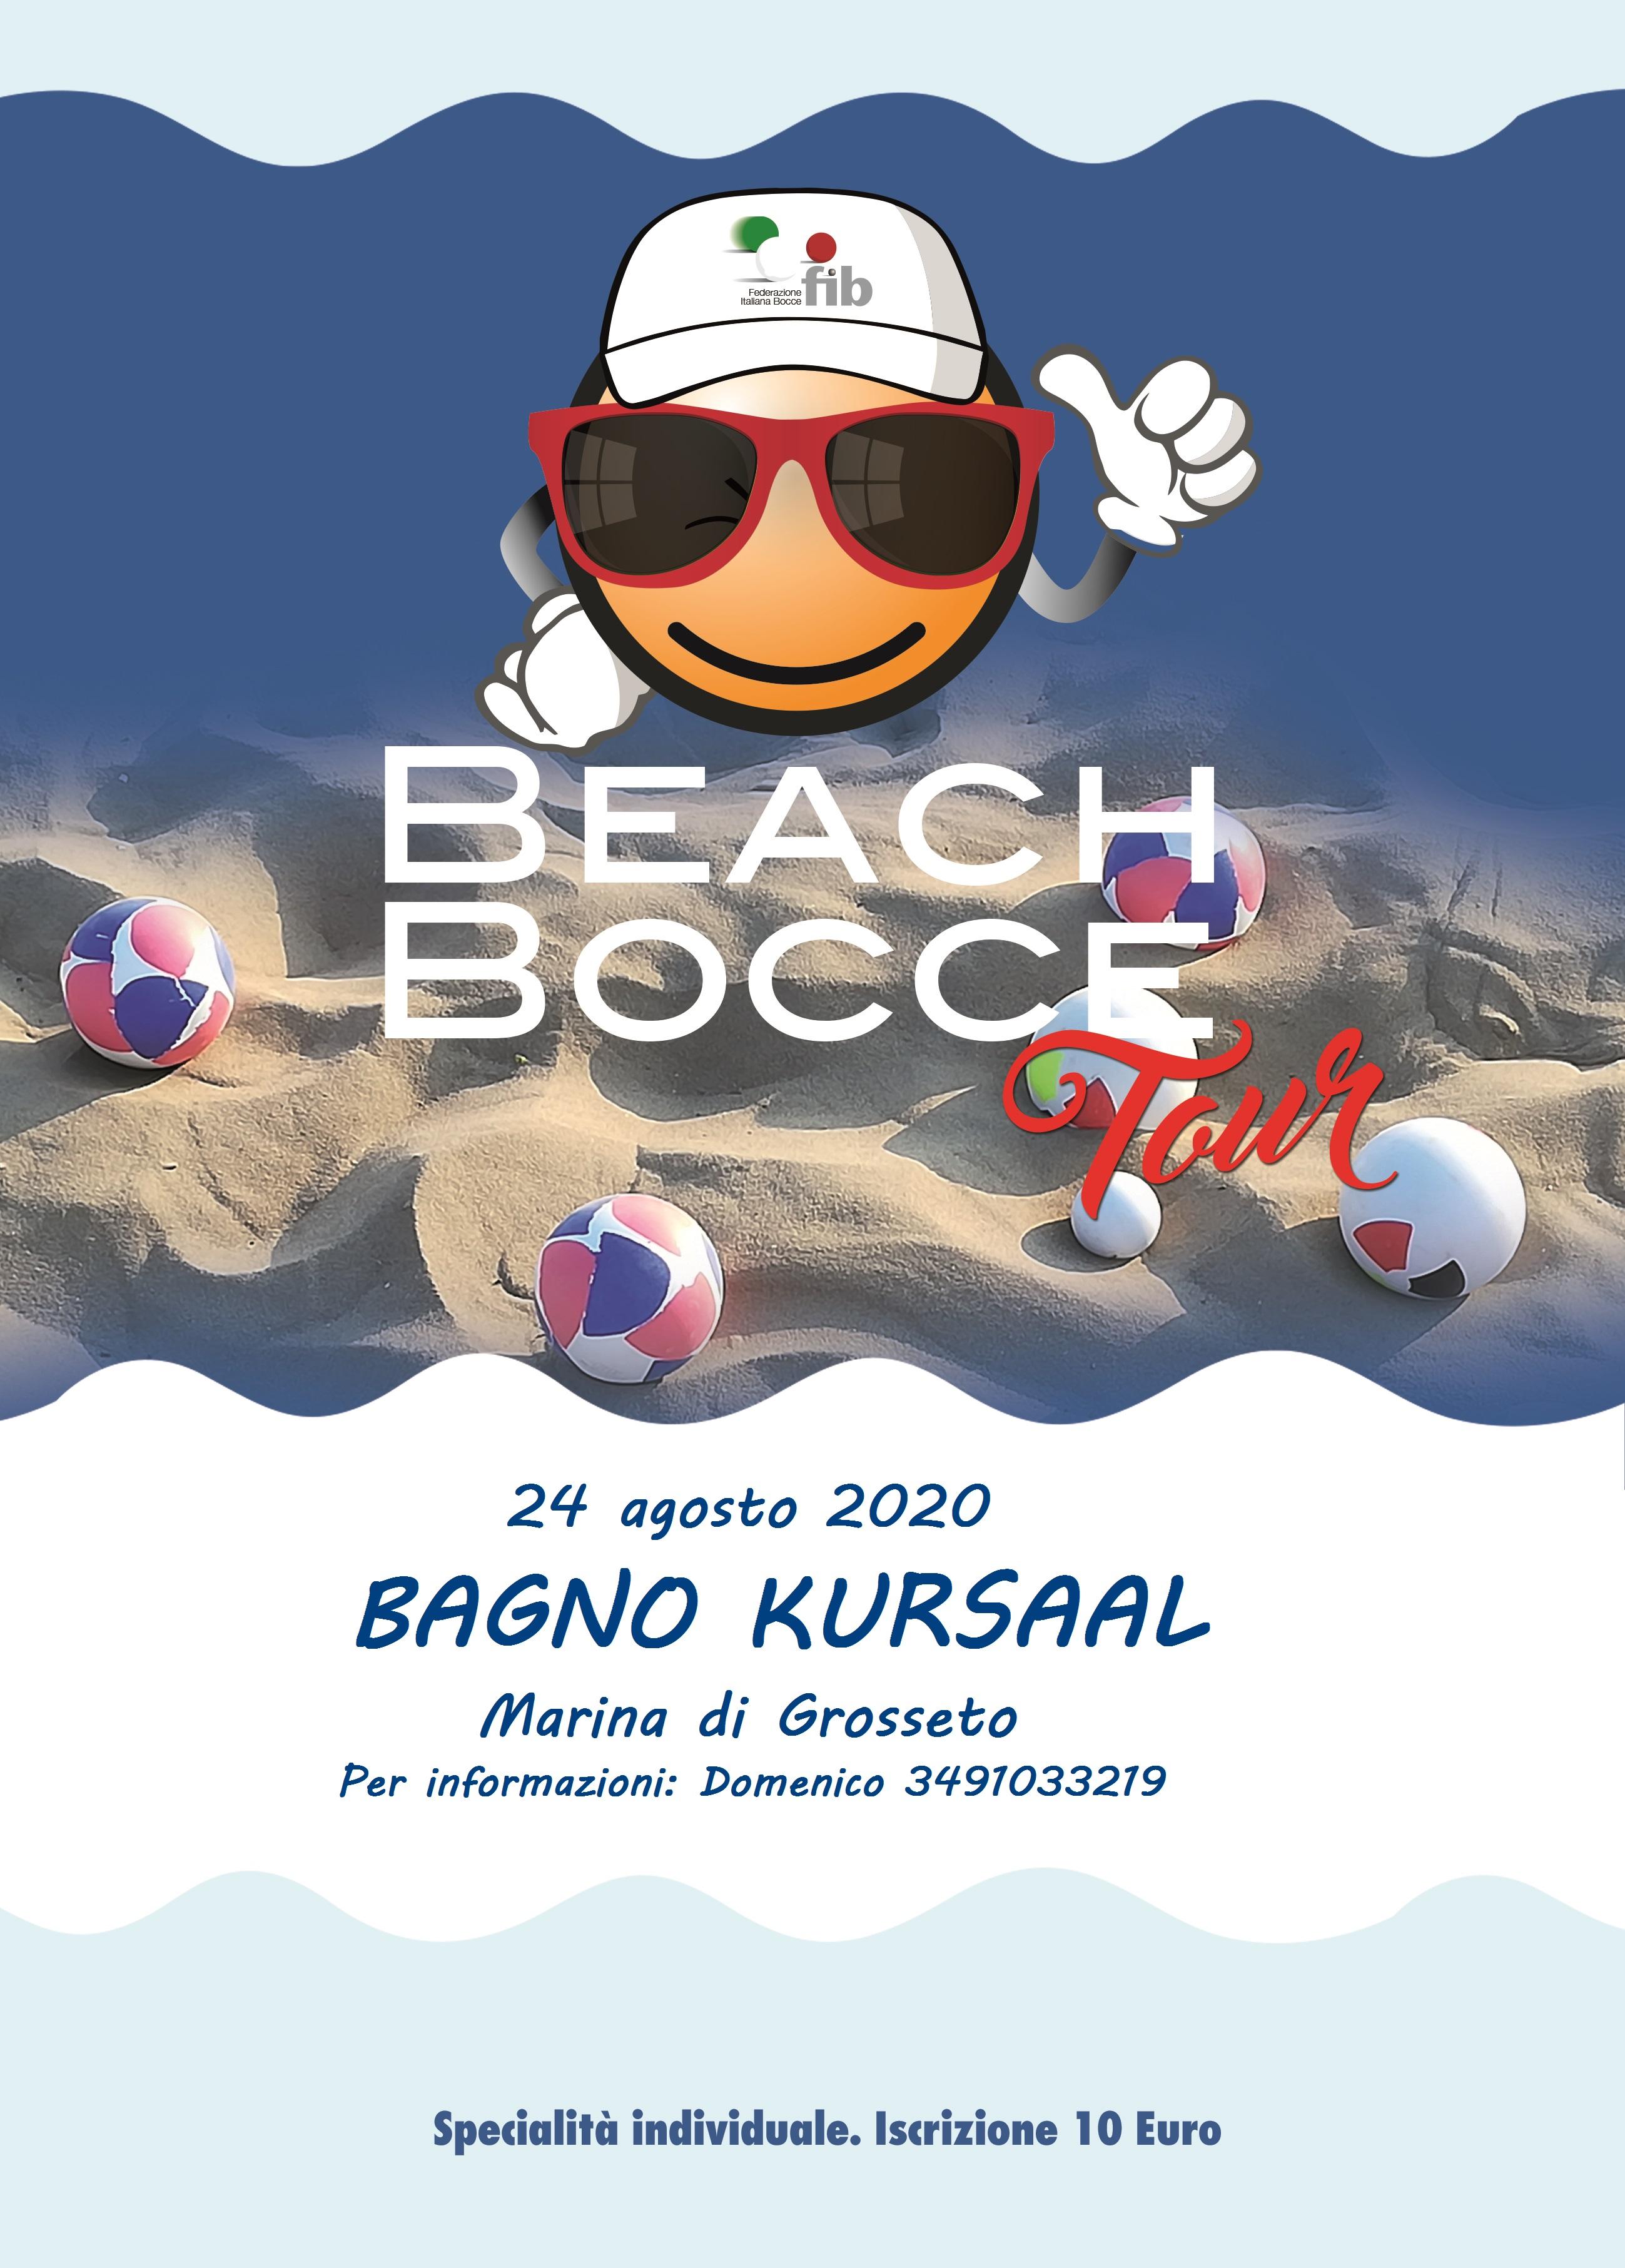 Beach Bocce 2020 Kursaal 24 08 20